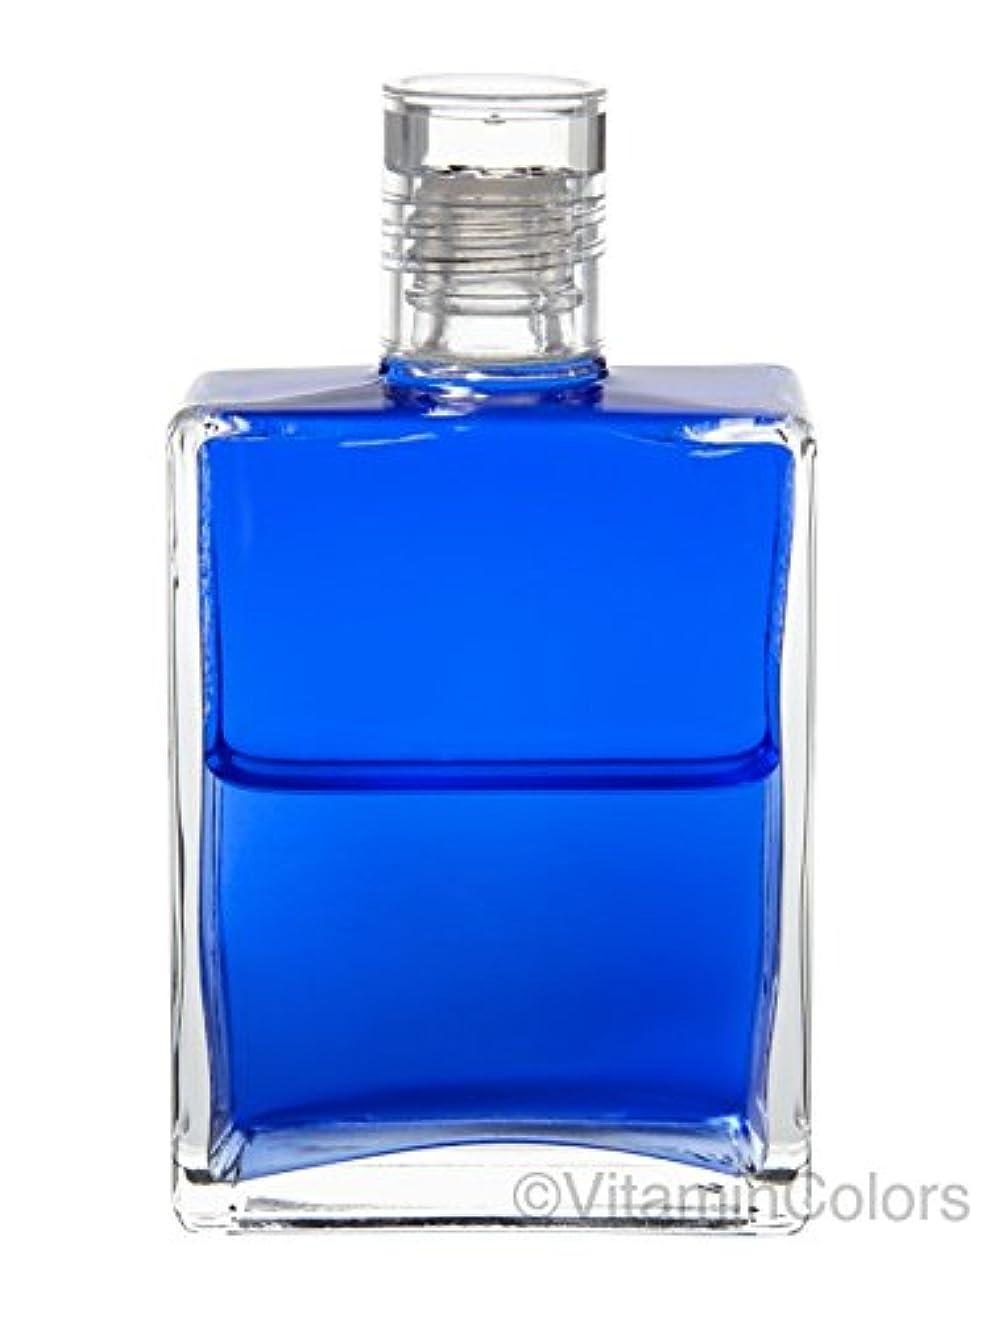 広告するかわいらしいブラケットオーラソーマ イクイリブリアムボトル50ml B2「ピースボトル」Aurasoma